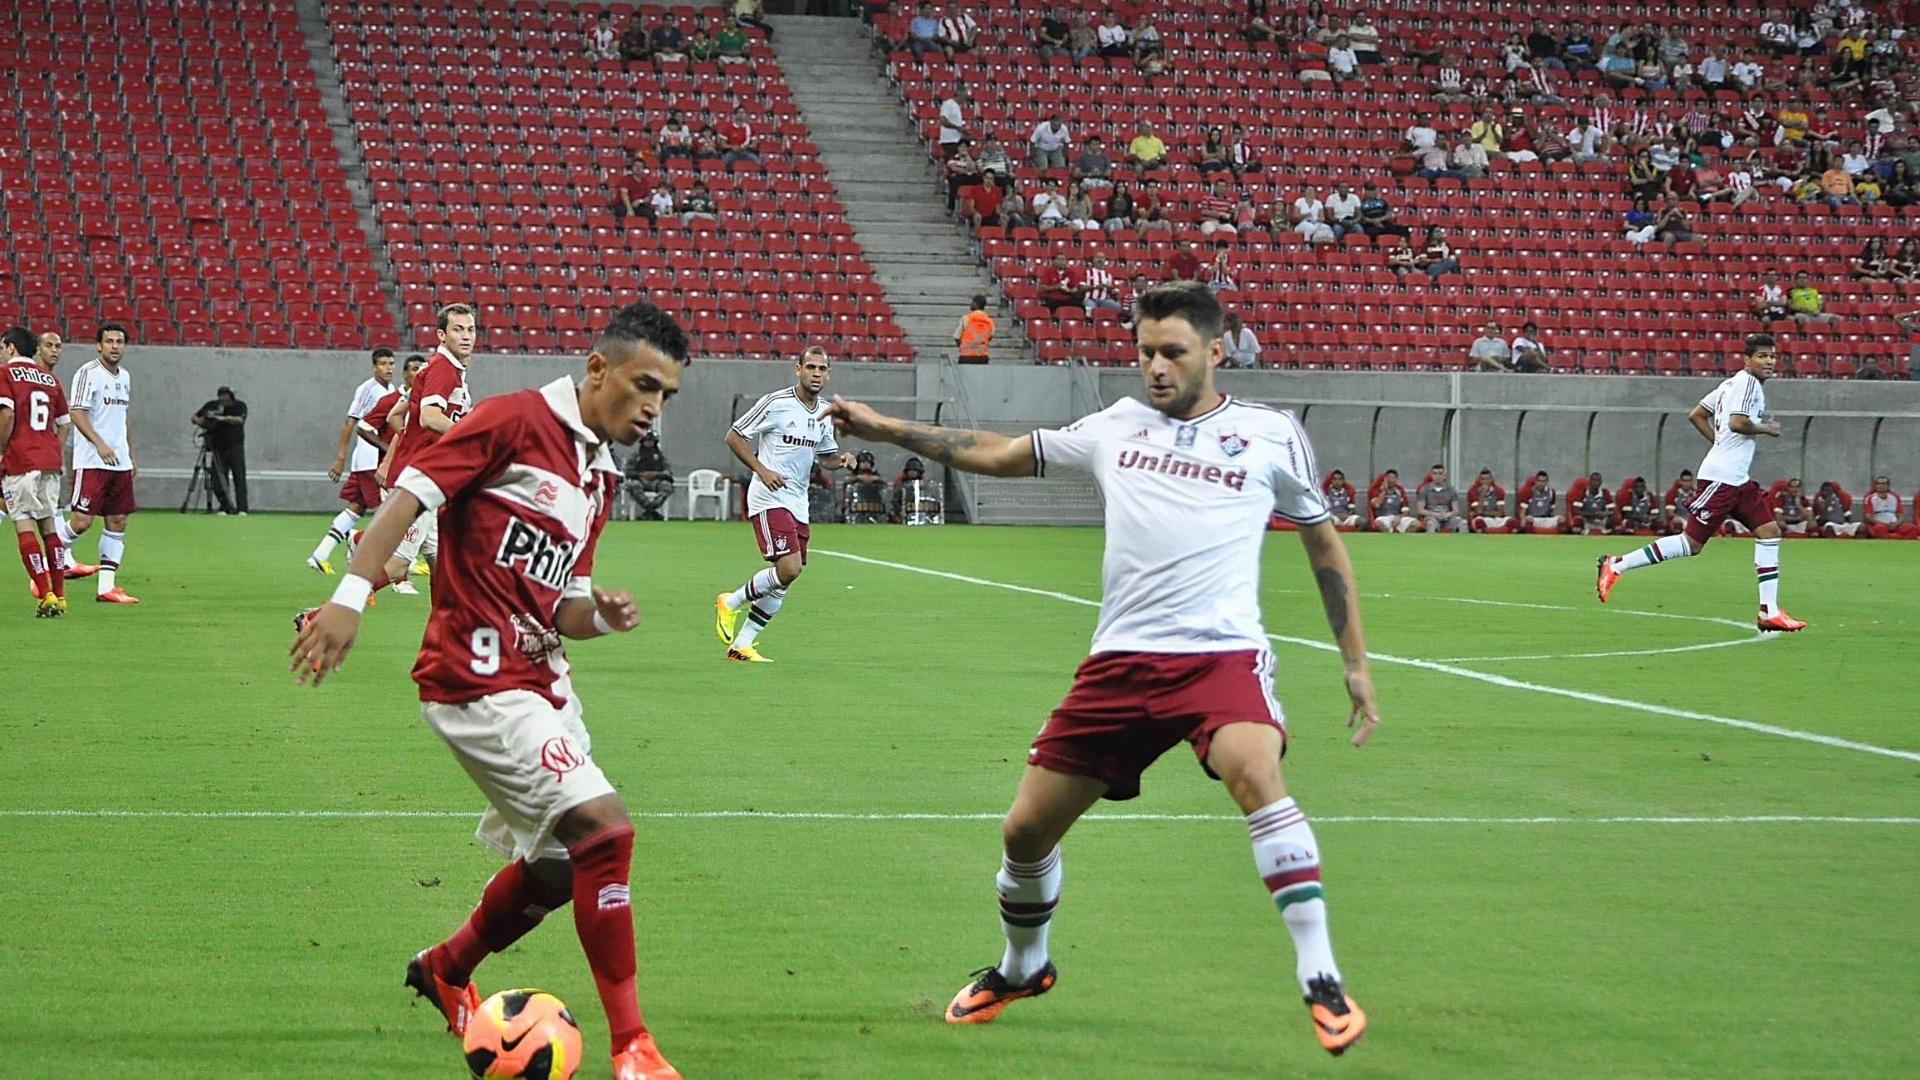 17.08.13 - Rafael Sóbis atento na marcação do adversário na partida entre Fluminense e Náutico